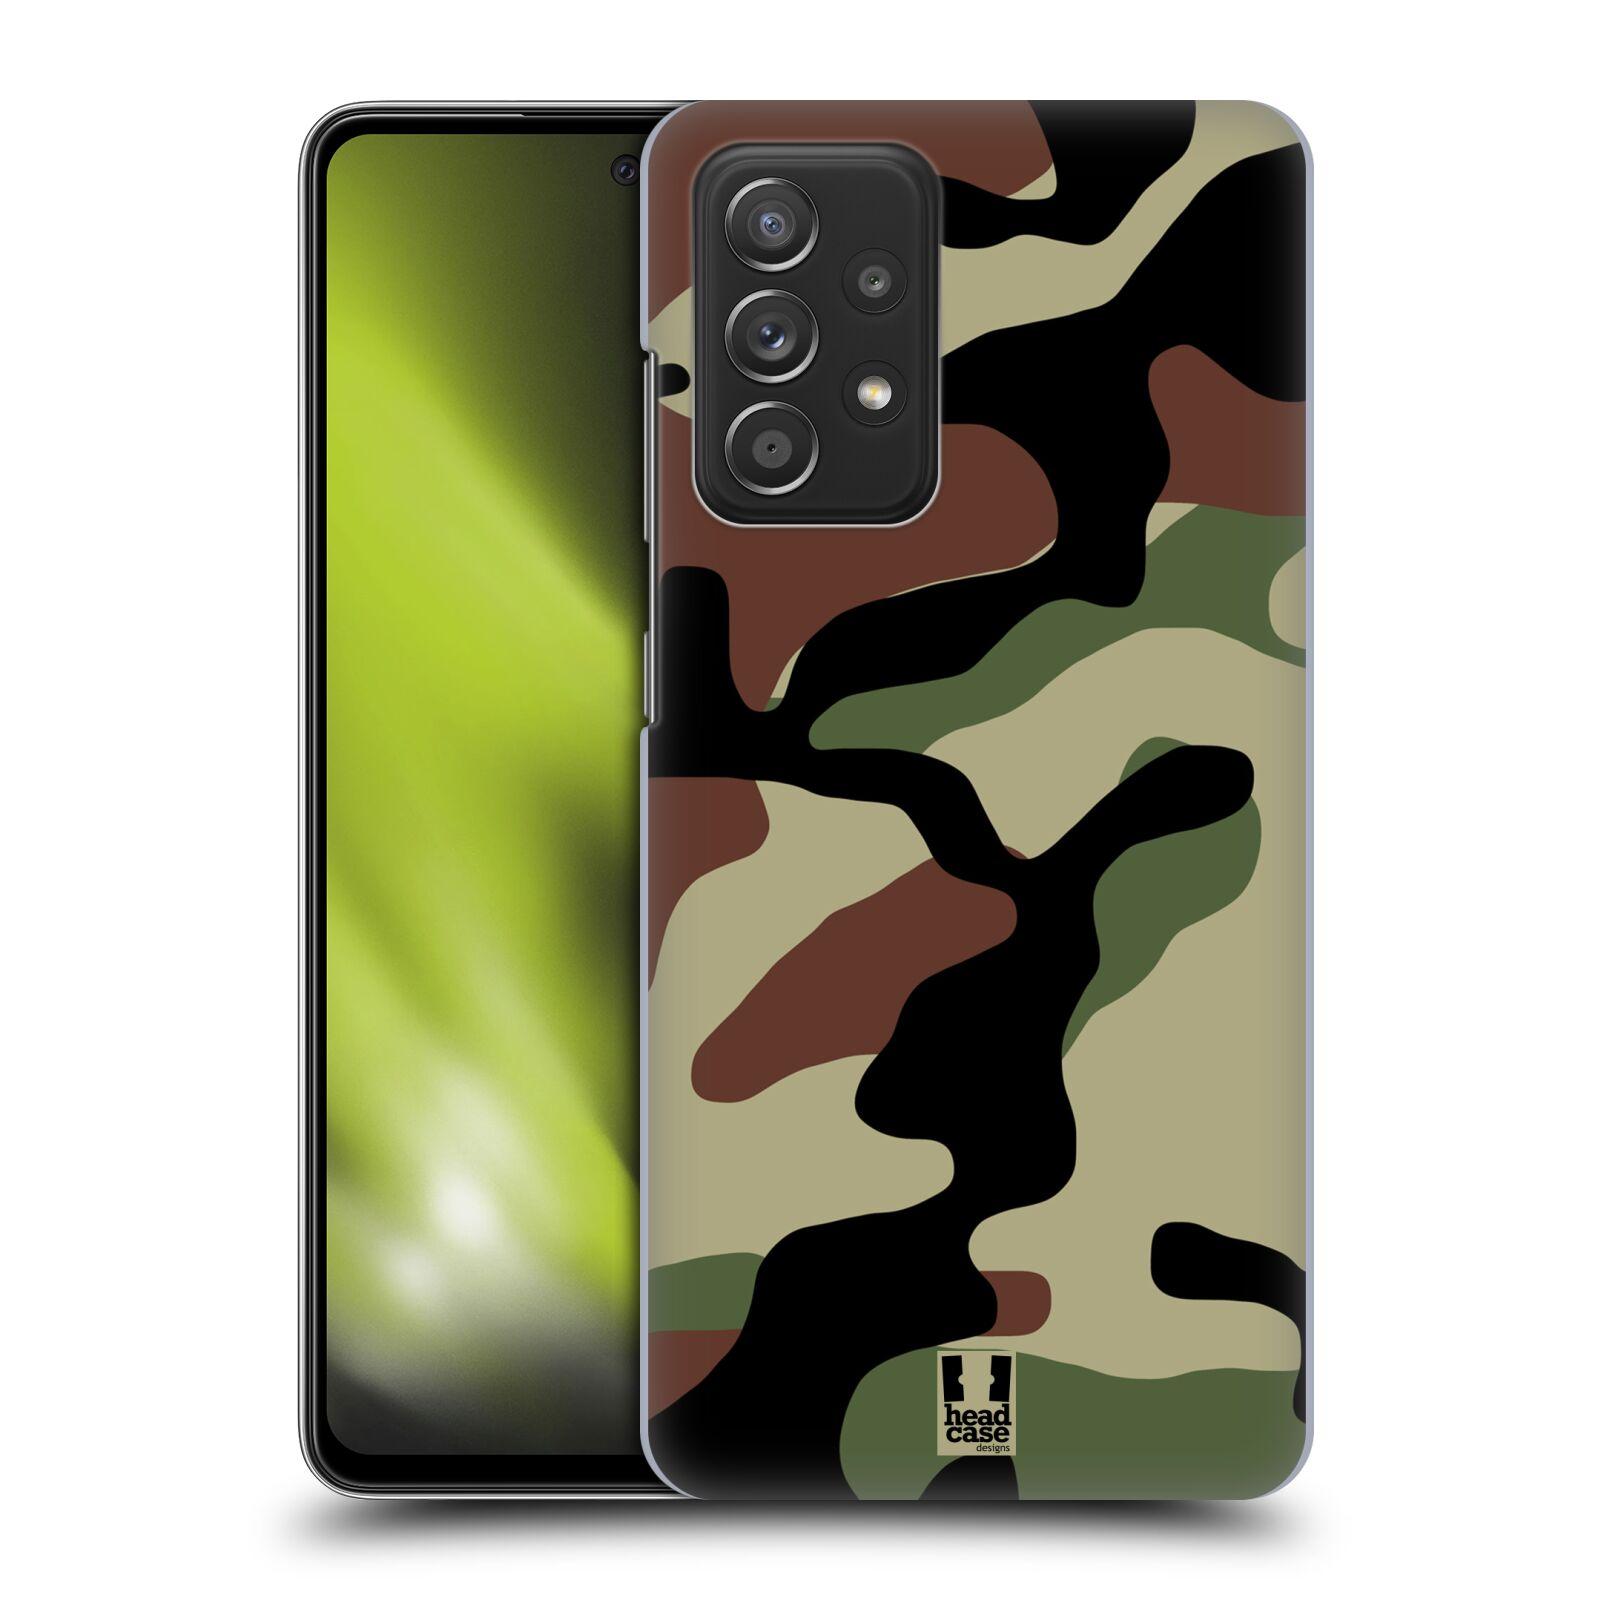 Plastové pouzdro na mobil Samsung Galaxy A52 / A52 5G / A52s 5G - Head Case - Maskáče